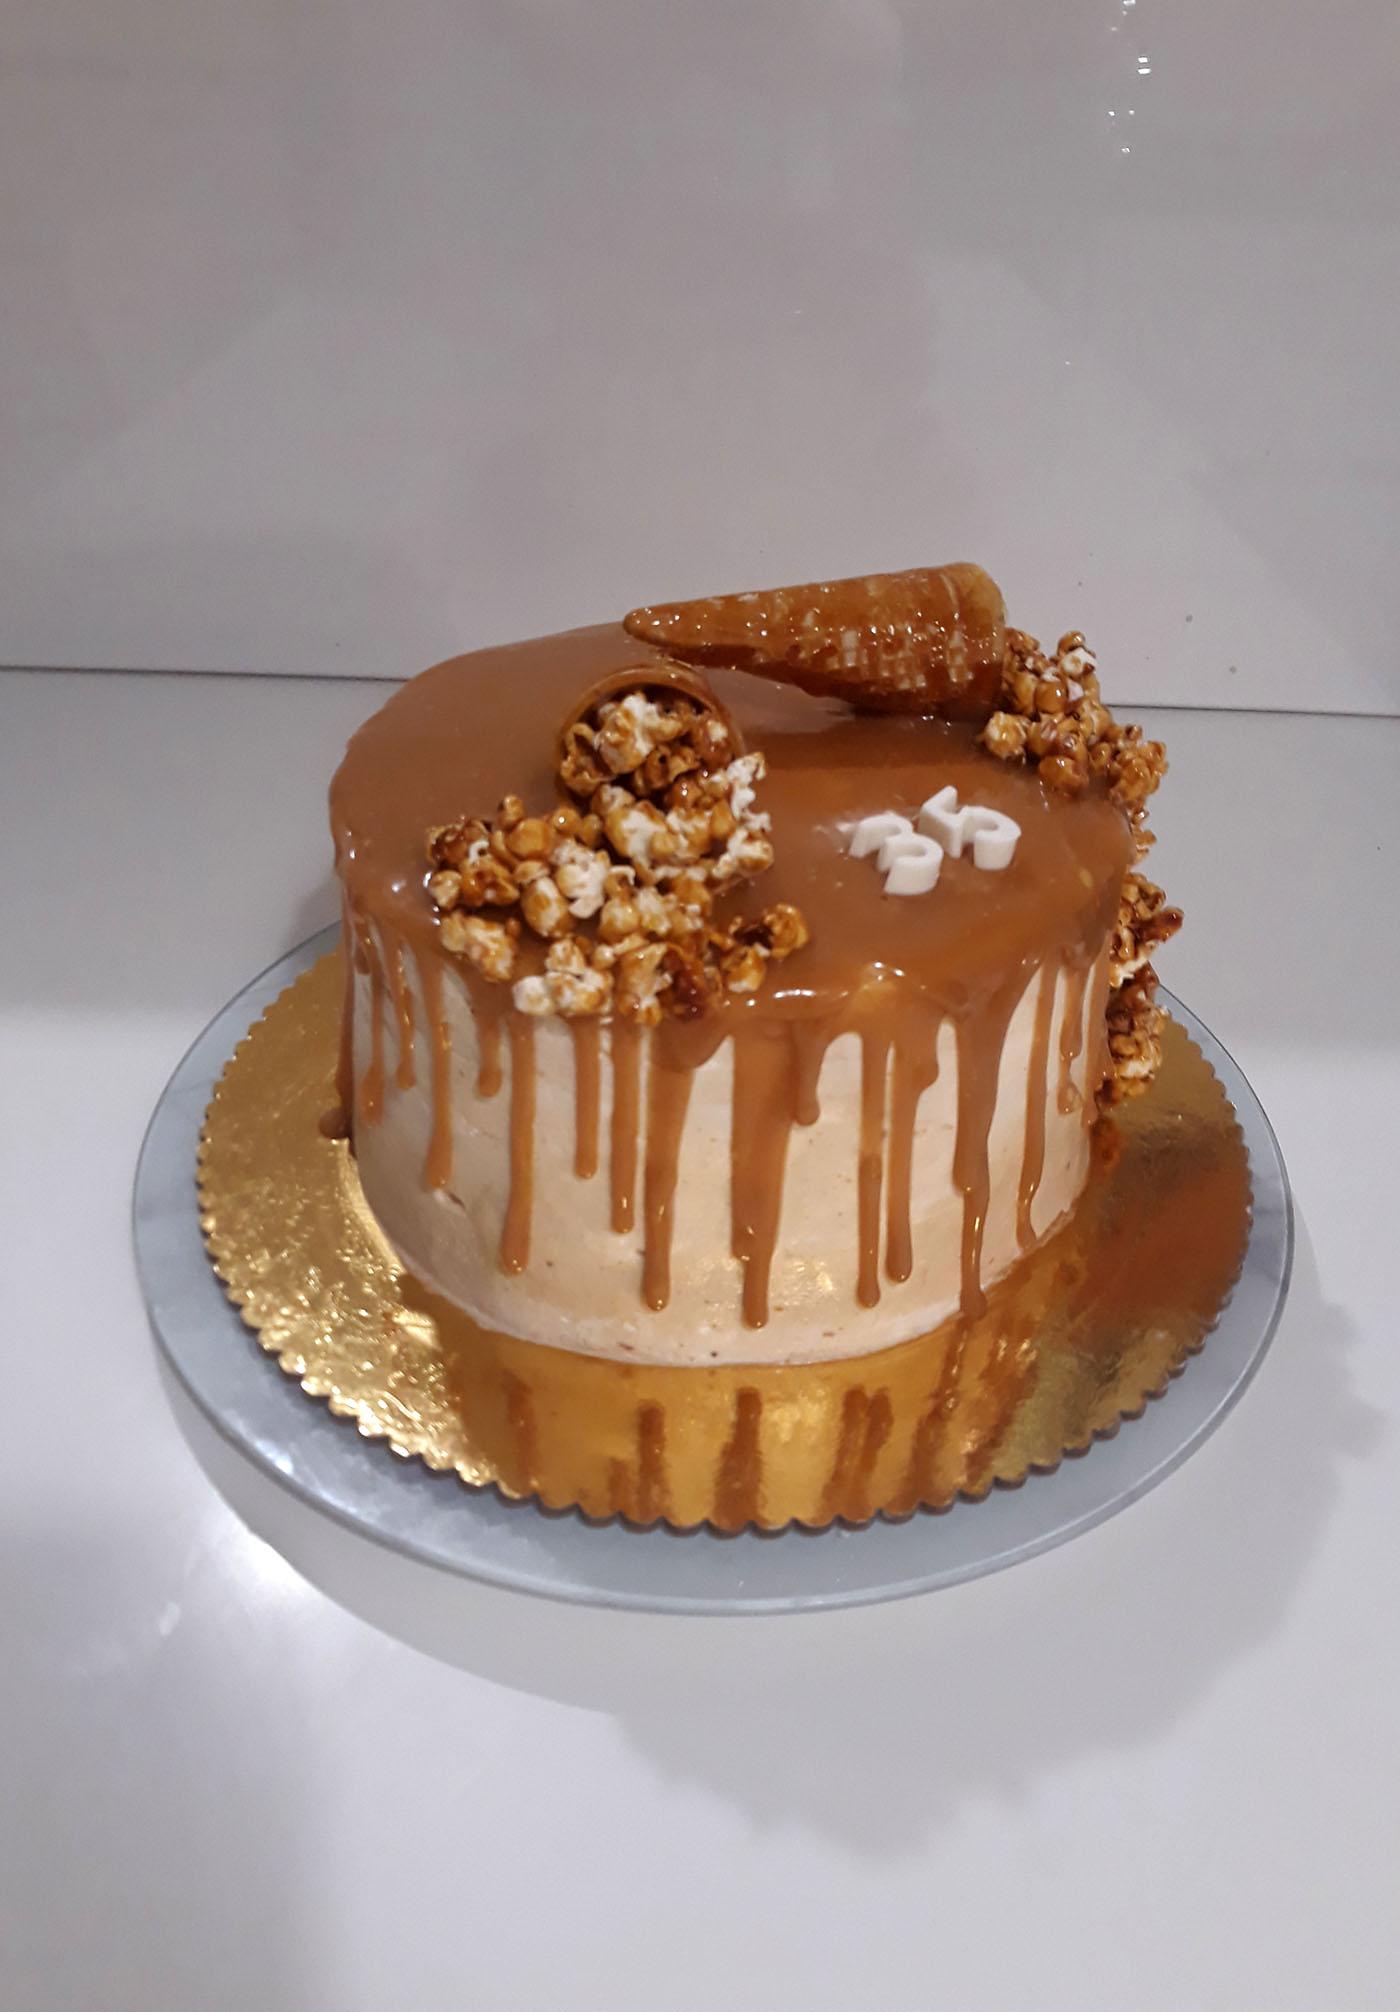 20190806 194708 - עוגת זילוף